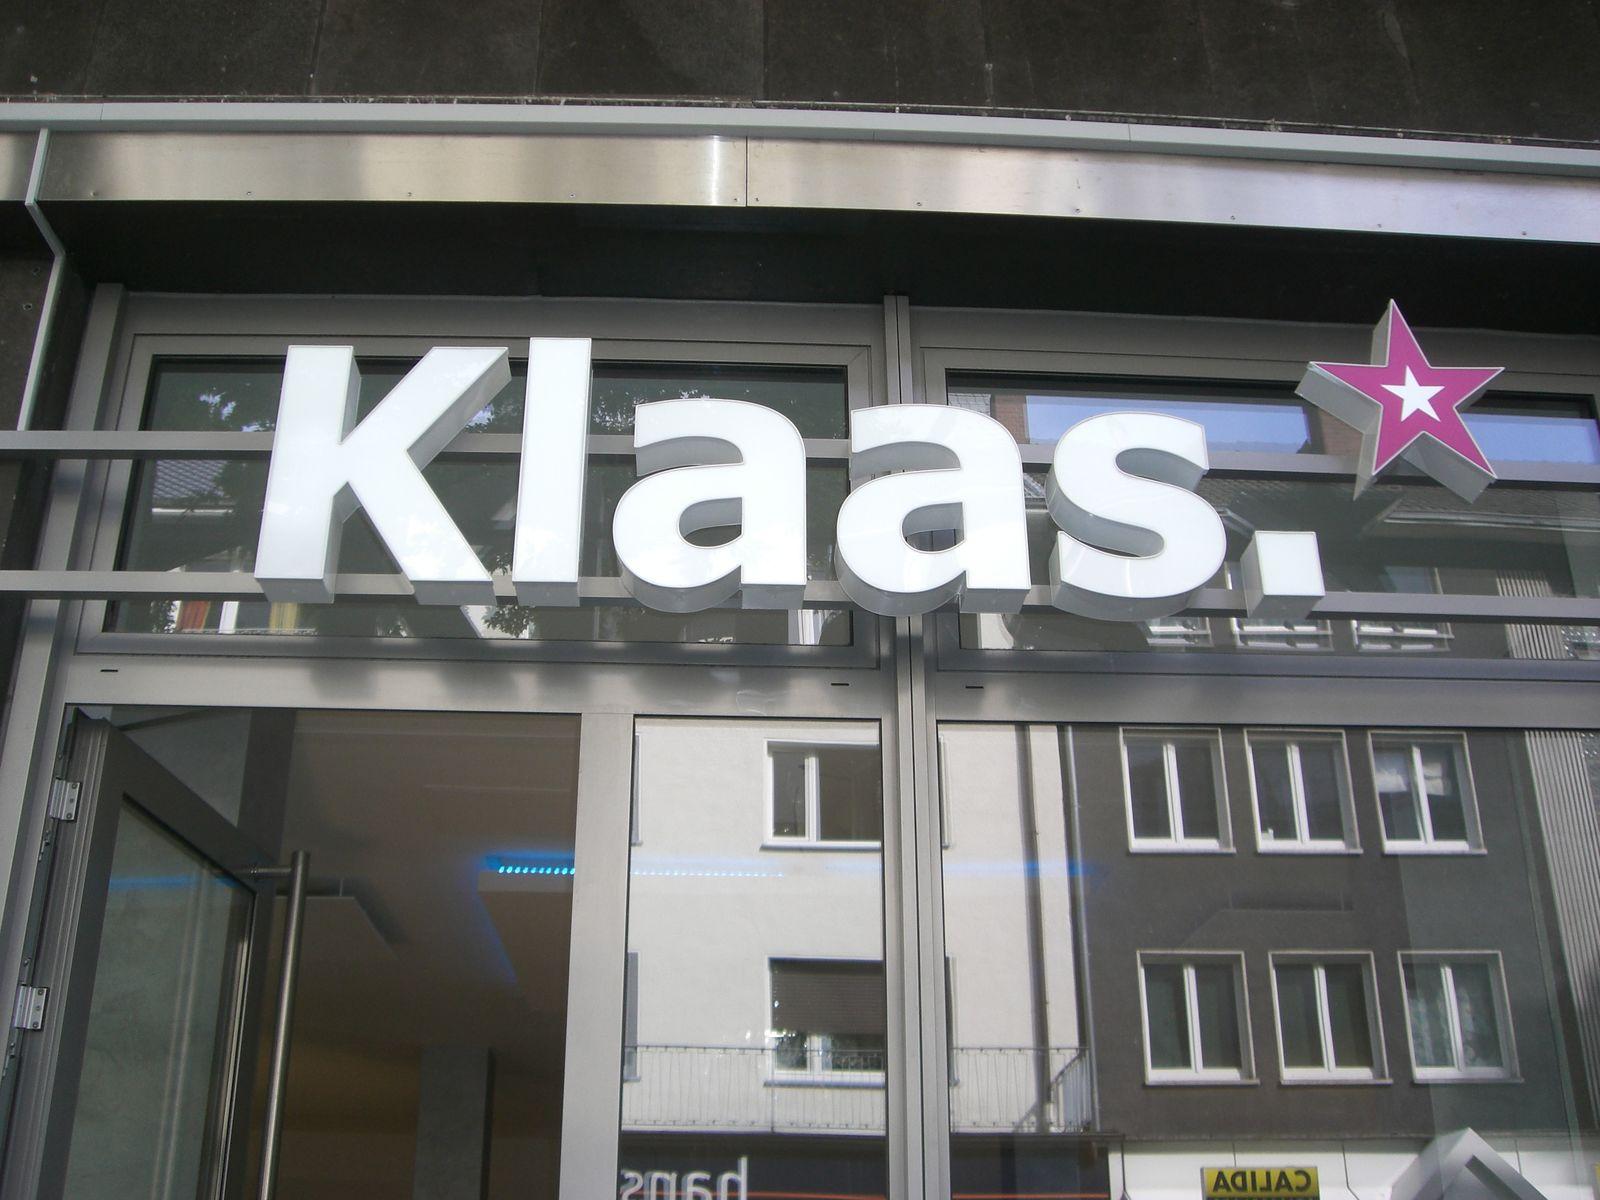 Klaas. in Bochum (Bild 1)